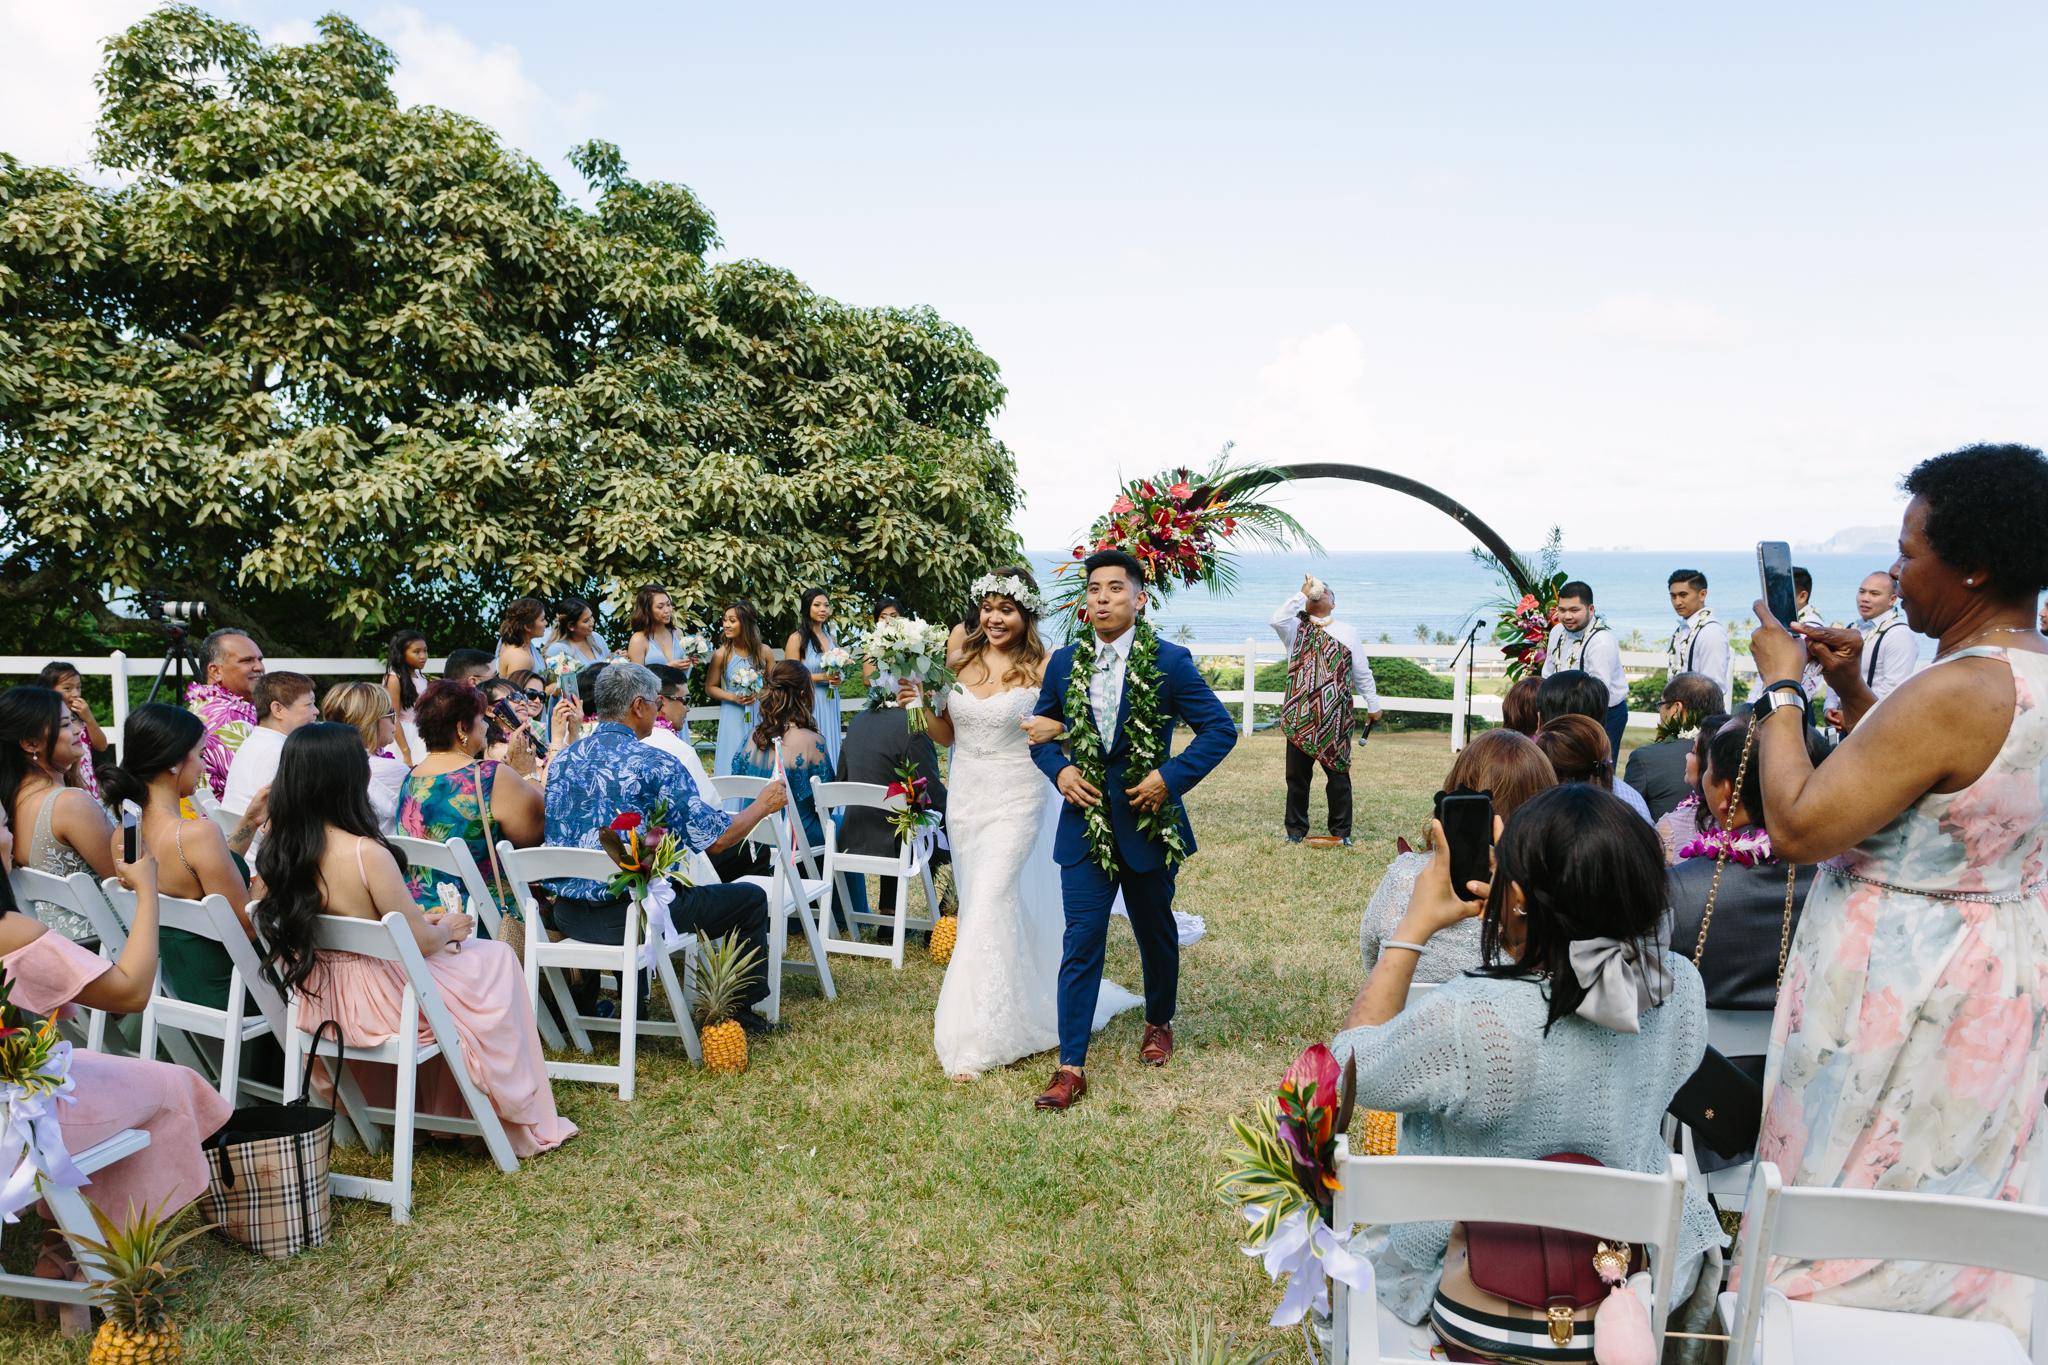 kualoa_ranch_wedding_photography_tone_hawaii-62.jpg